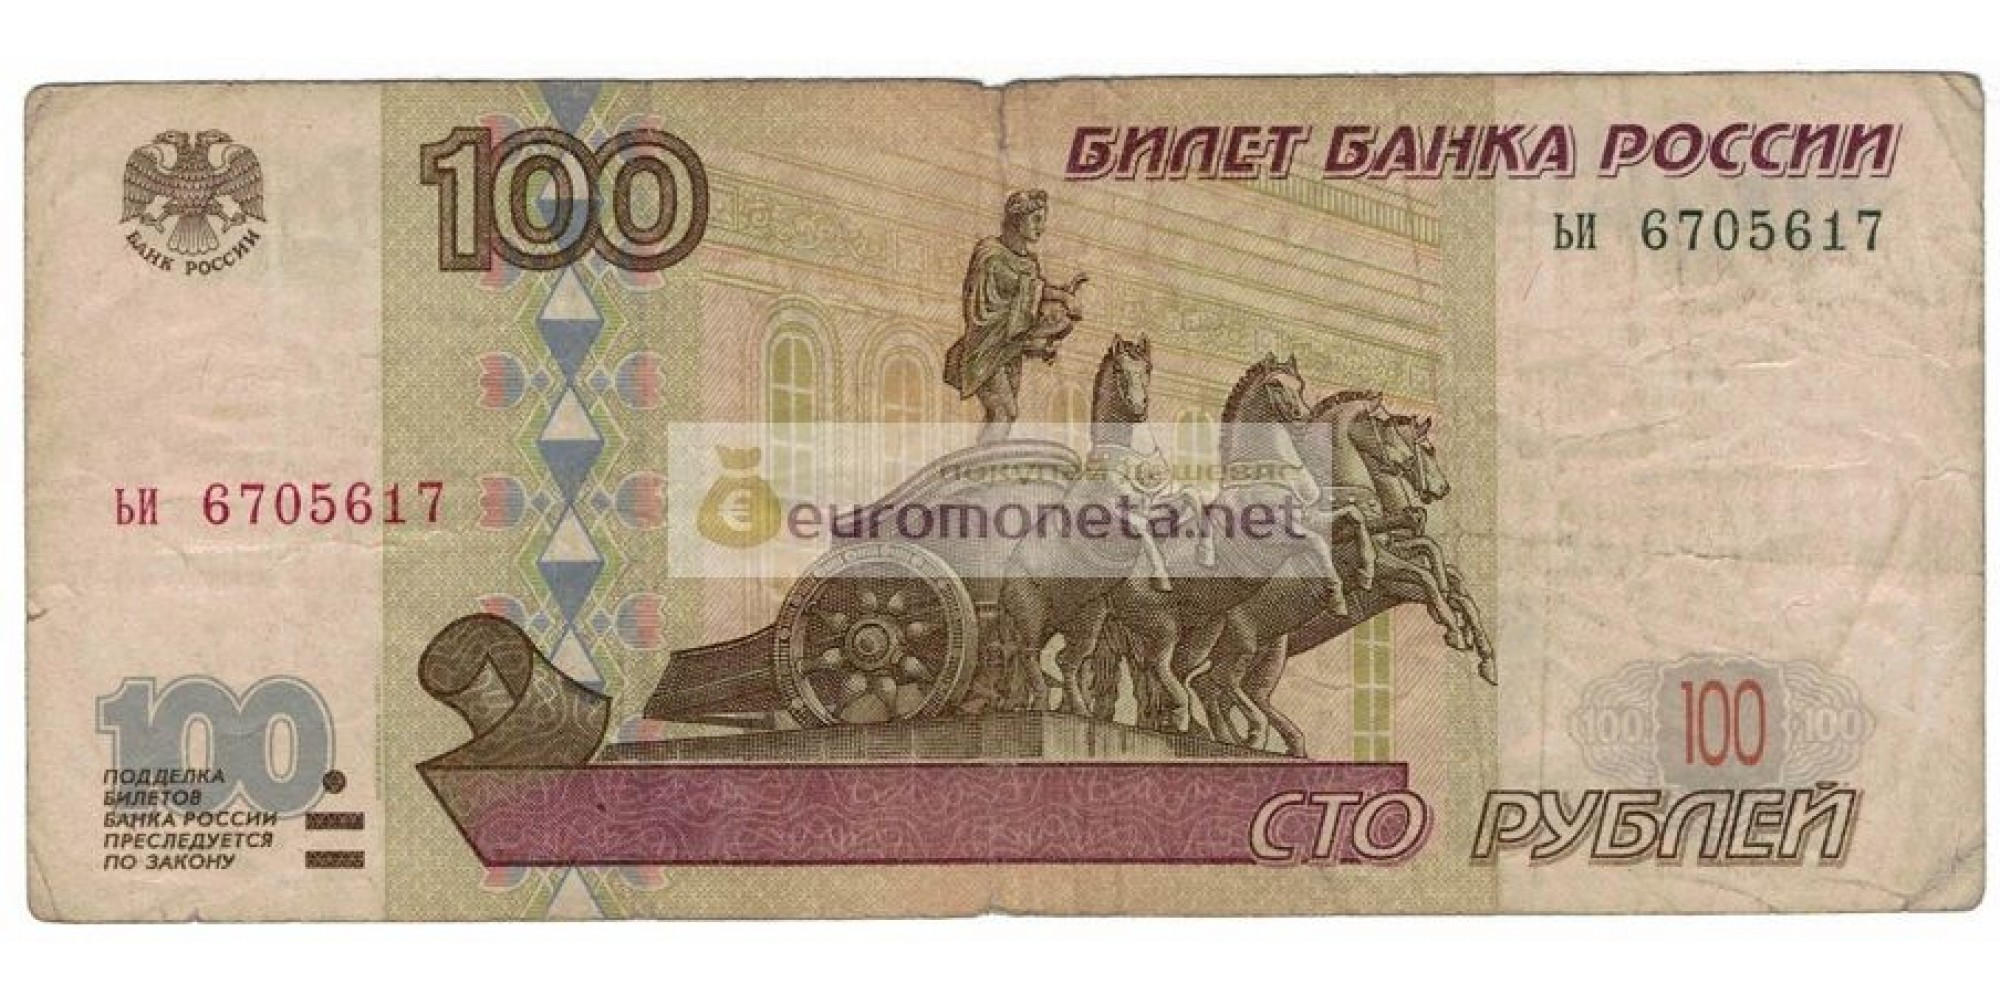 Россия 100 рублей 1997 год модификация 2001 год серия ьи 6705617